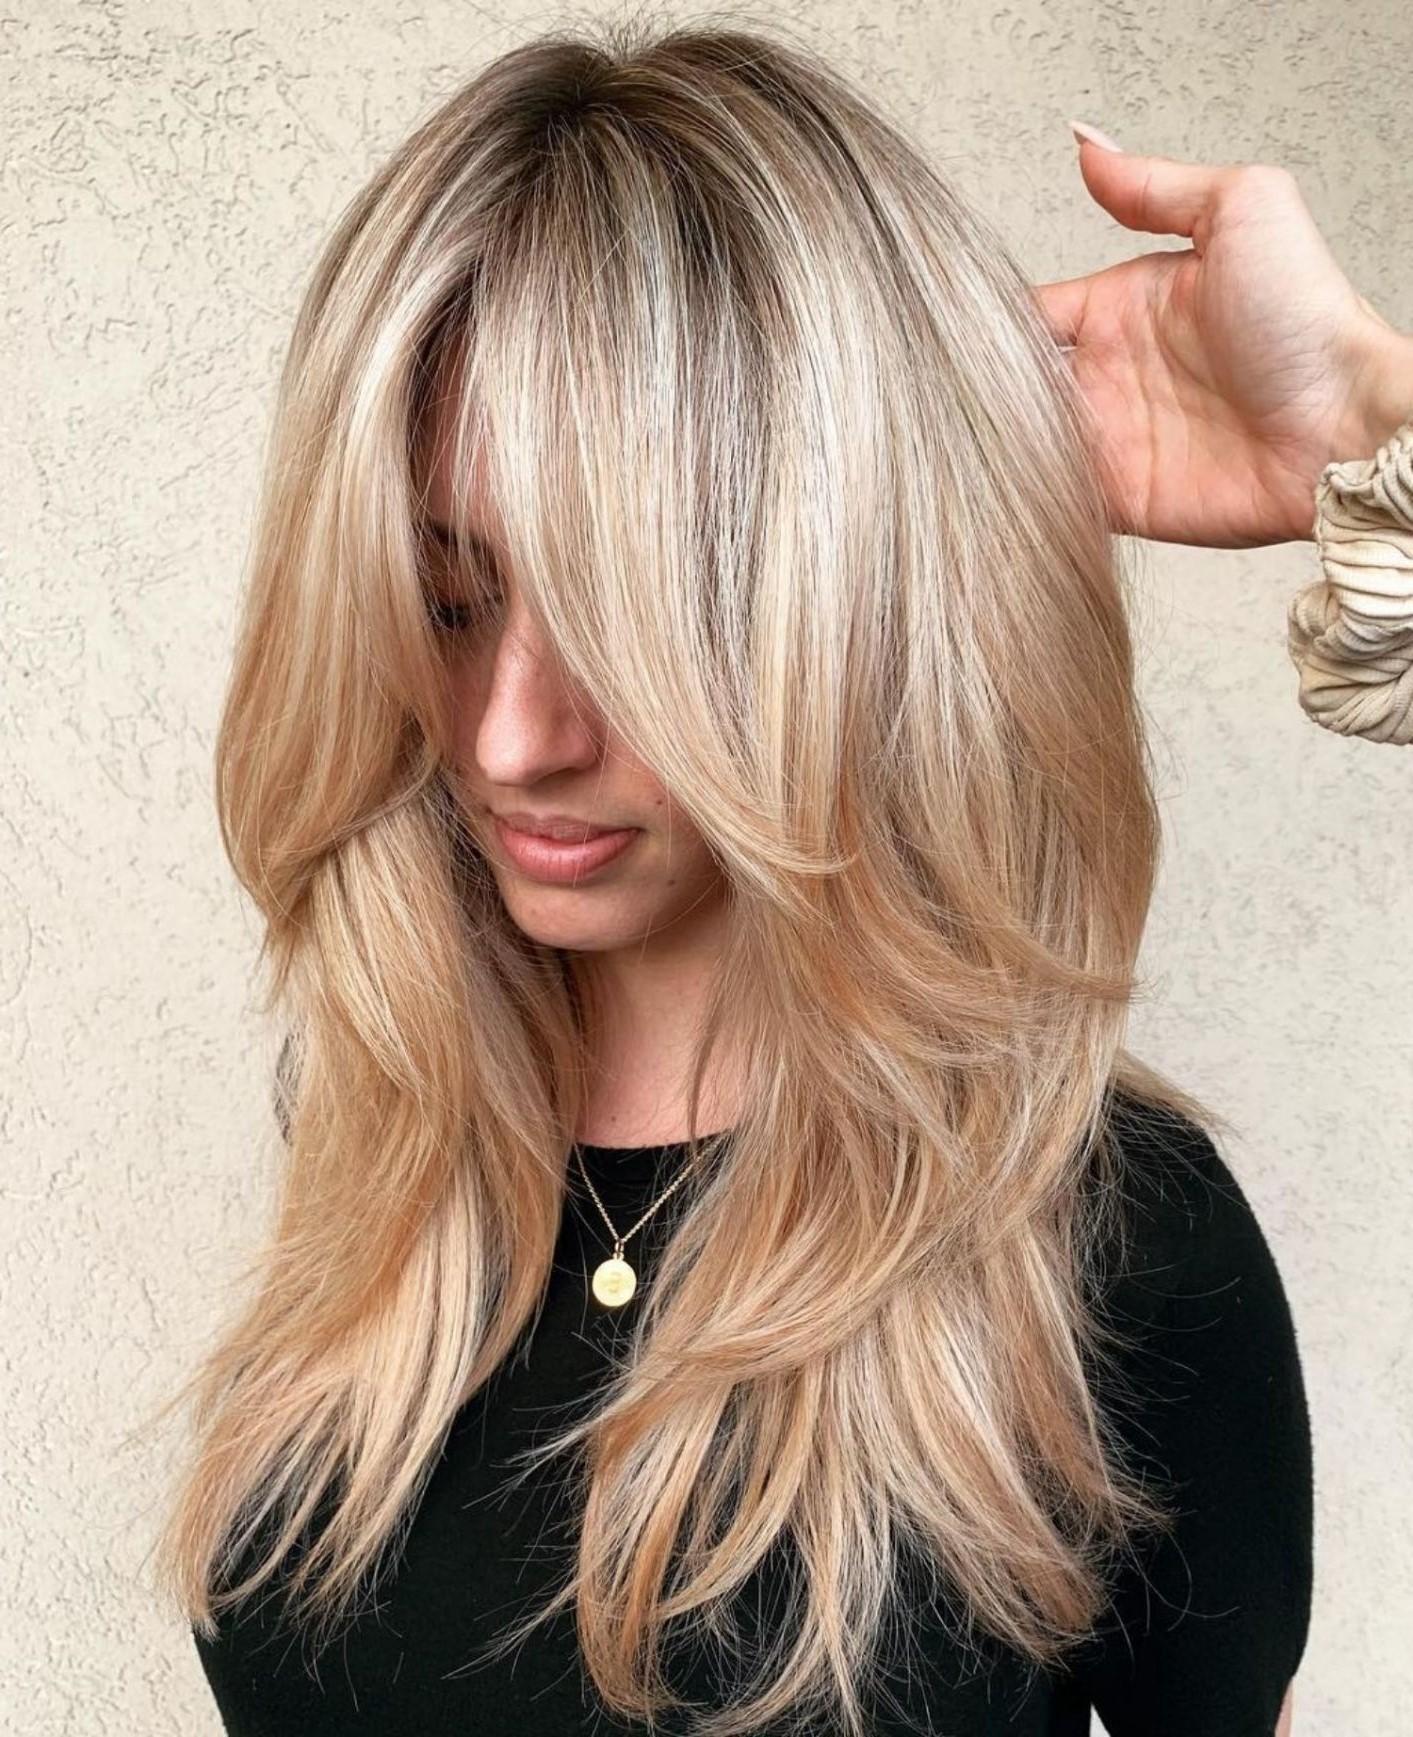 Les couches chic se distinguent encore mieux sur cheveux blonds.